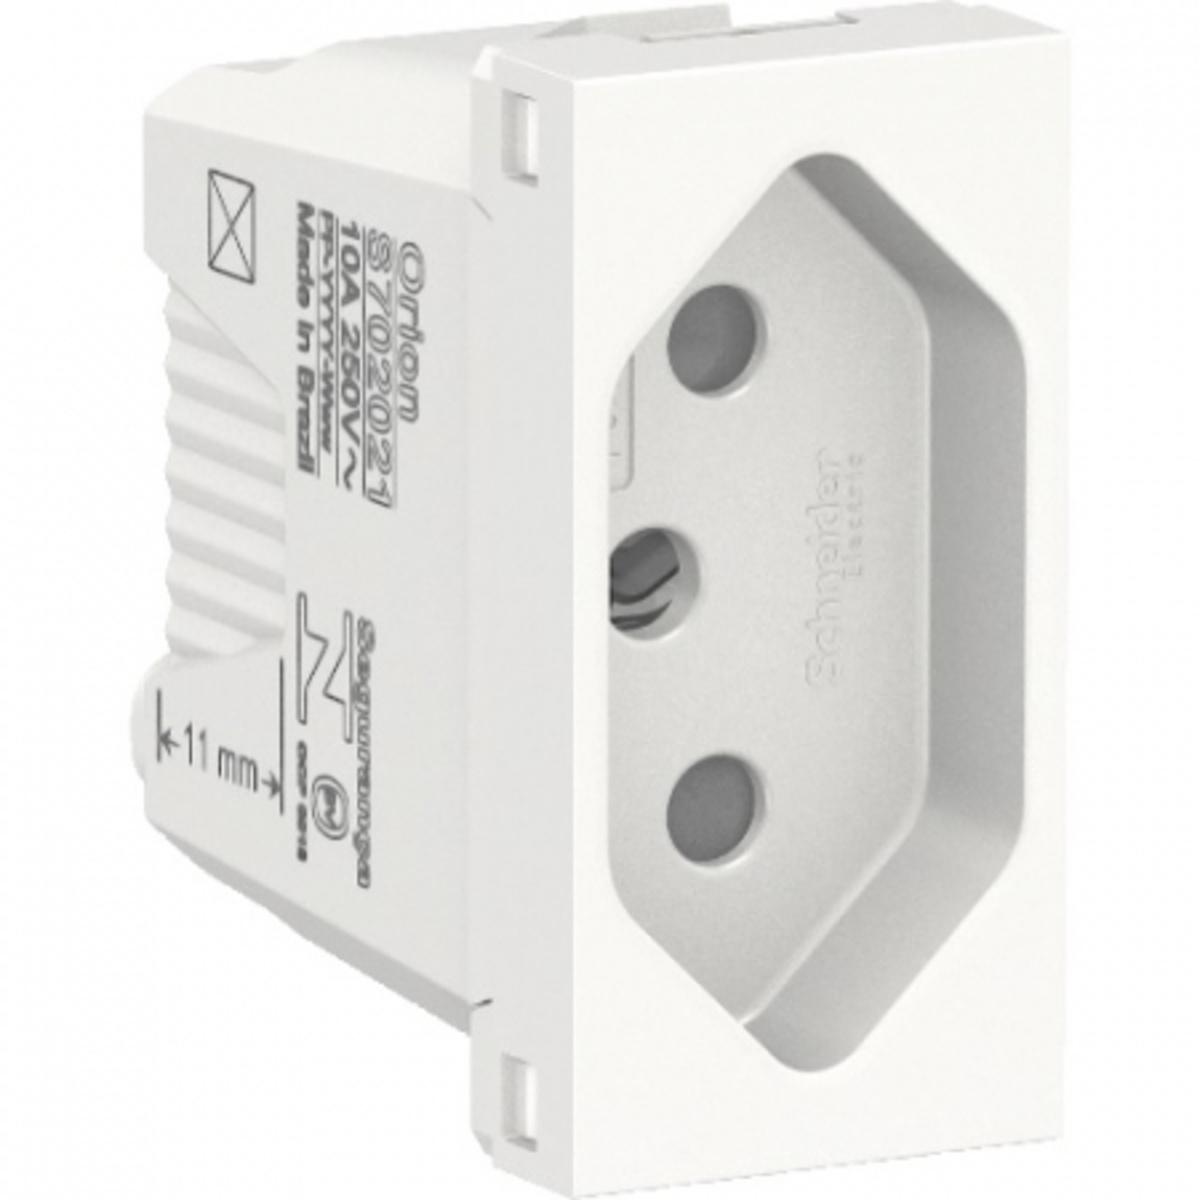 Eletriza - Eletriza Materiais Elétricos, Hidráulicos e Automação Industrial - ORION MODULO TOMADA 2P+T 4X2 10A 250V PL/BR SCHNEIDER